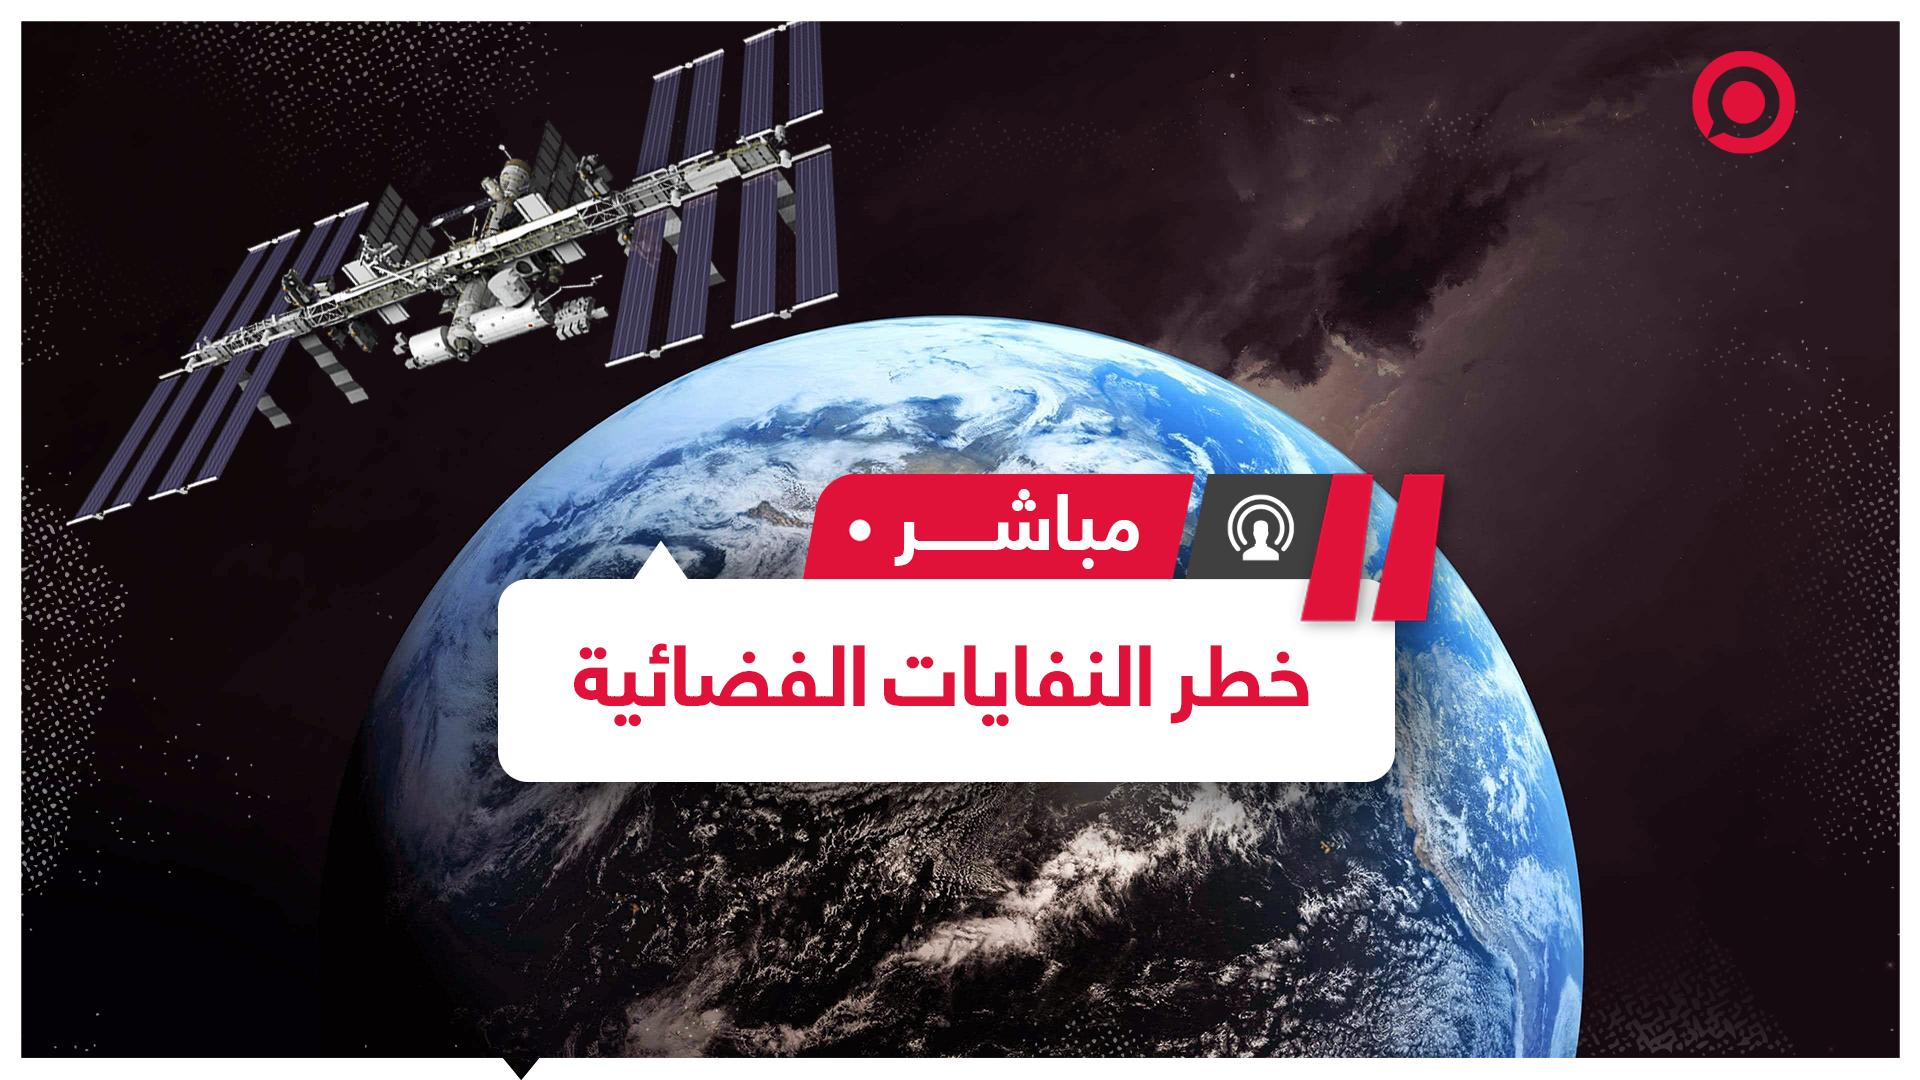 المحطة الفضائية تتجنب بصعوبة الاصطدام بالحطام الفضائي للمرة الثالثة هذا العام